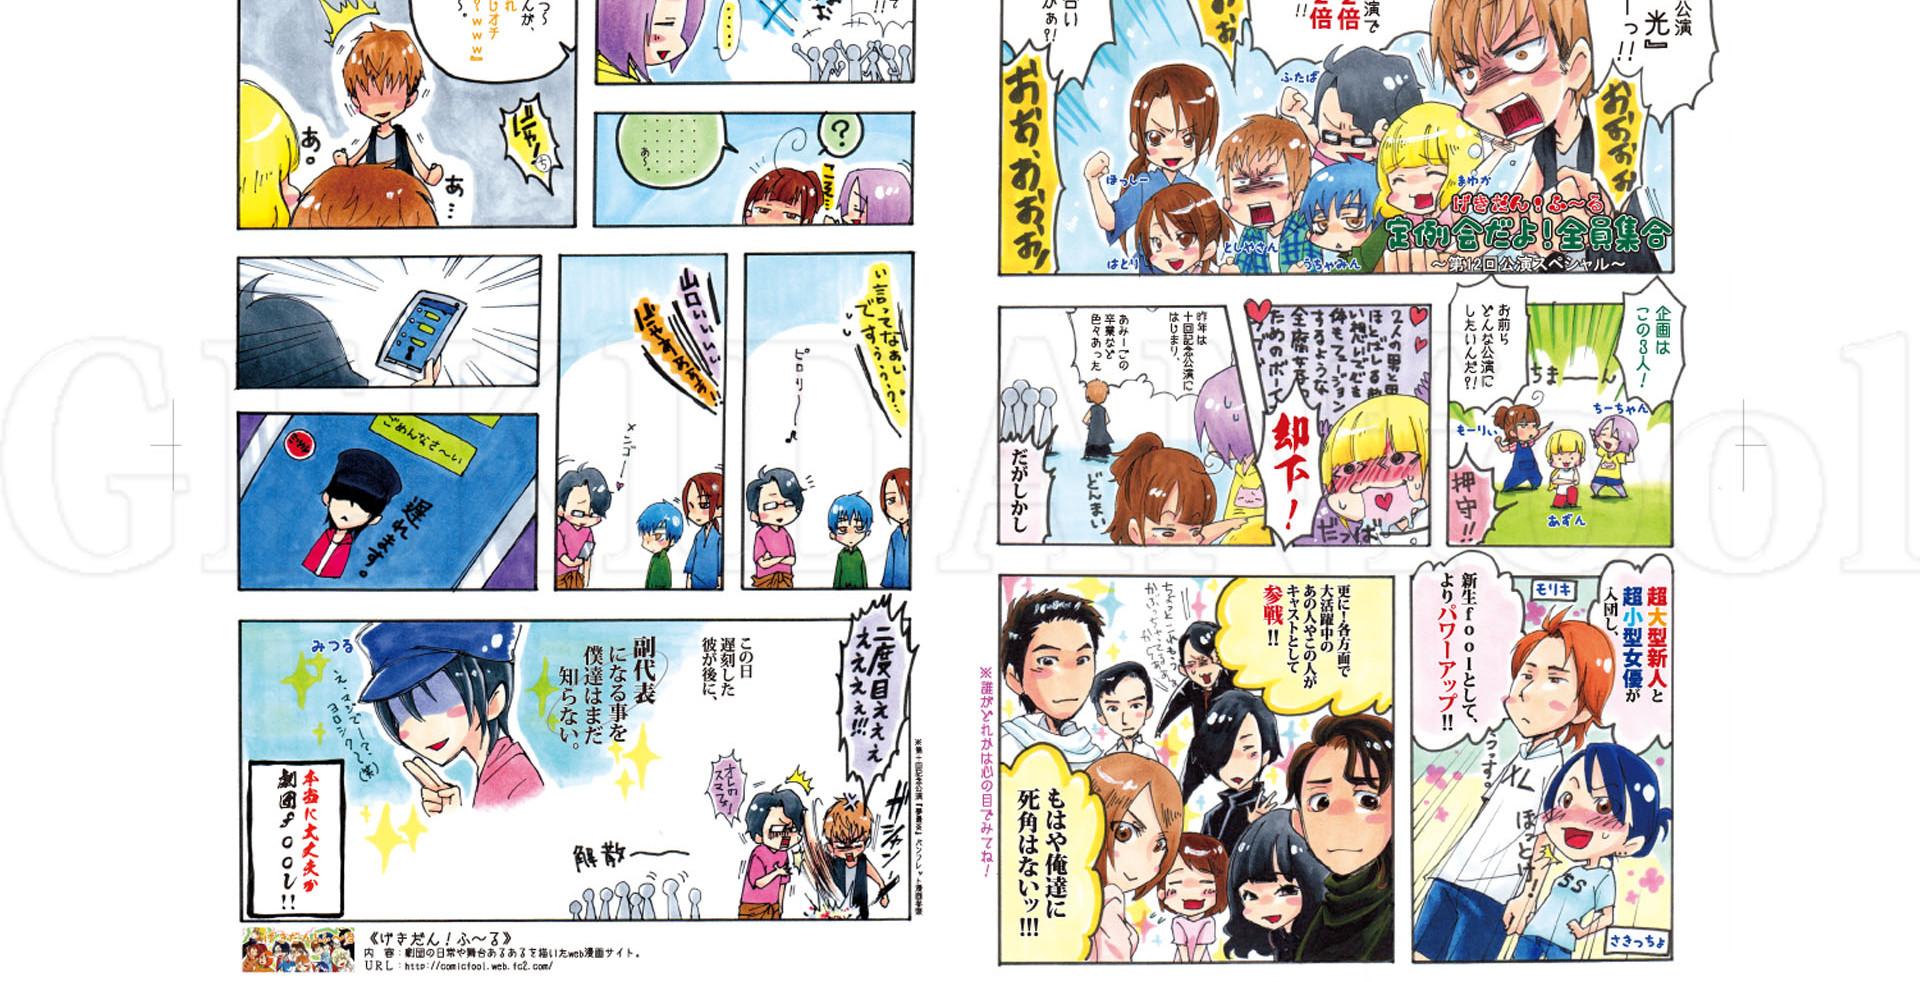 12回公演『闇・光』 パンフレット掲載漫画